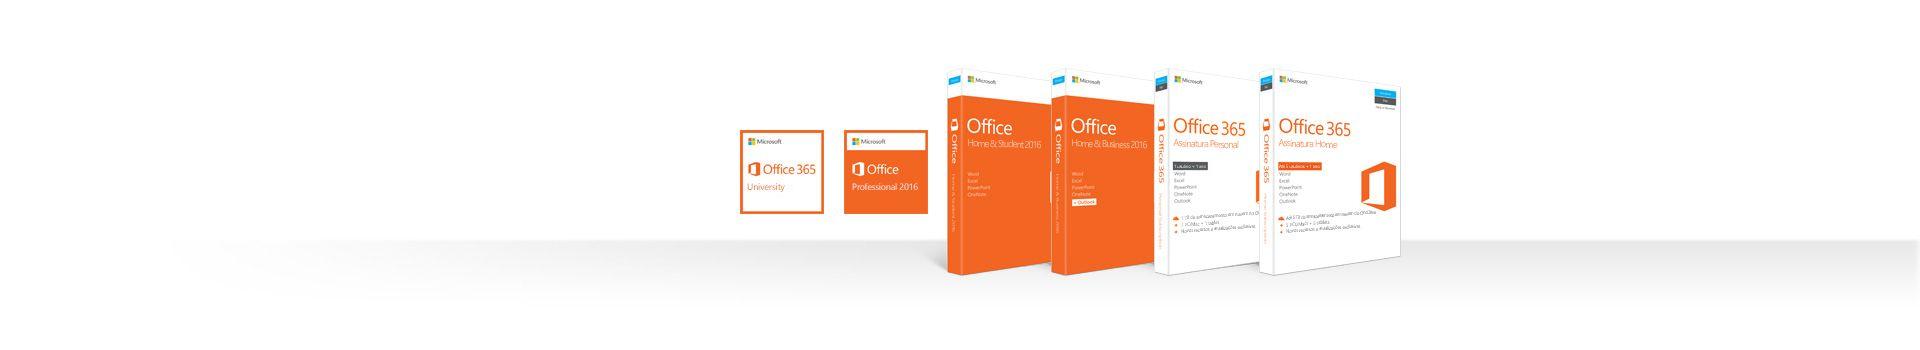 Uma linha de caixas de produtos do Office 2016 e do Office 365 para PC